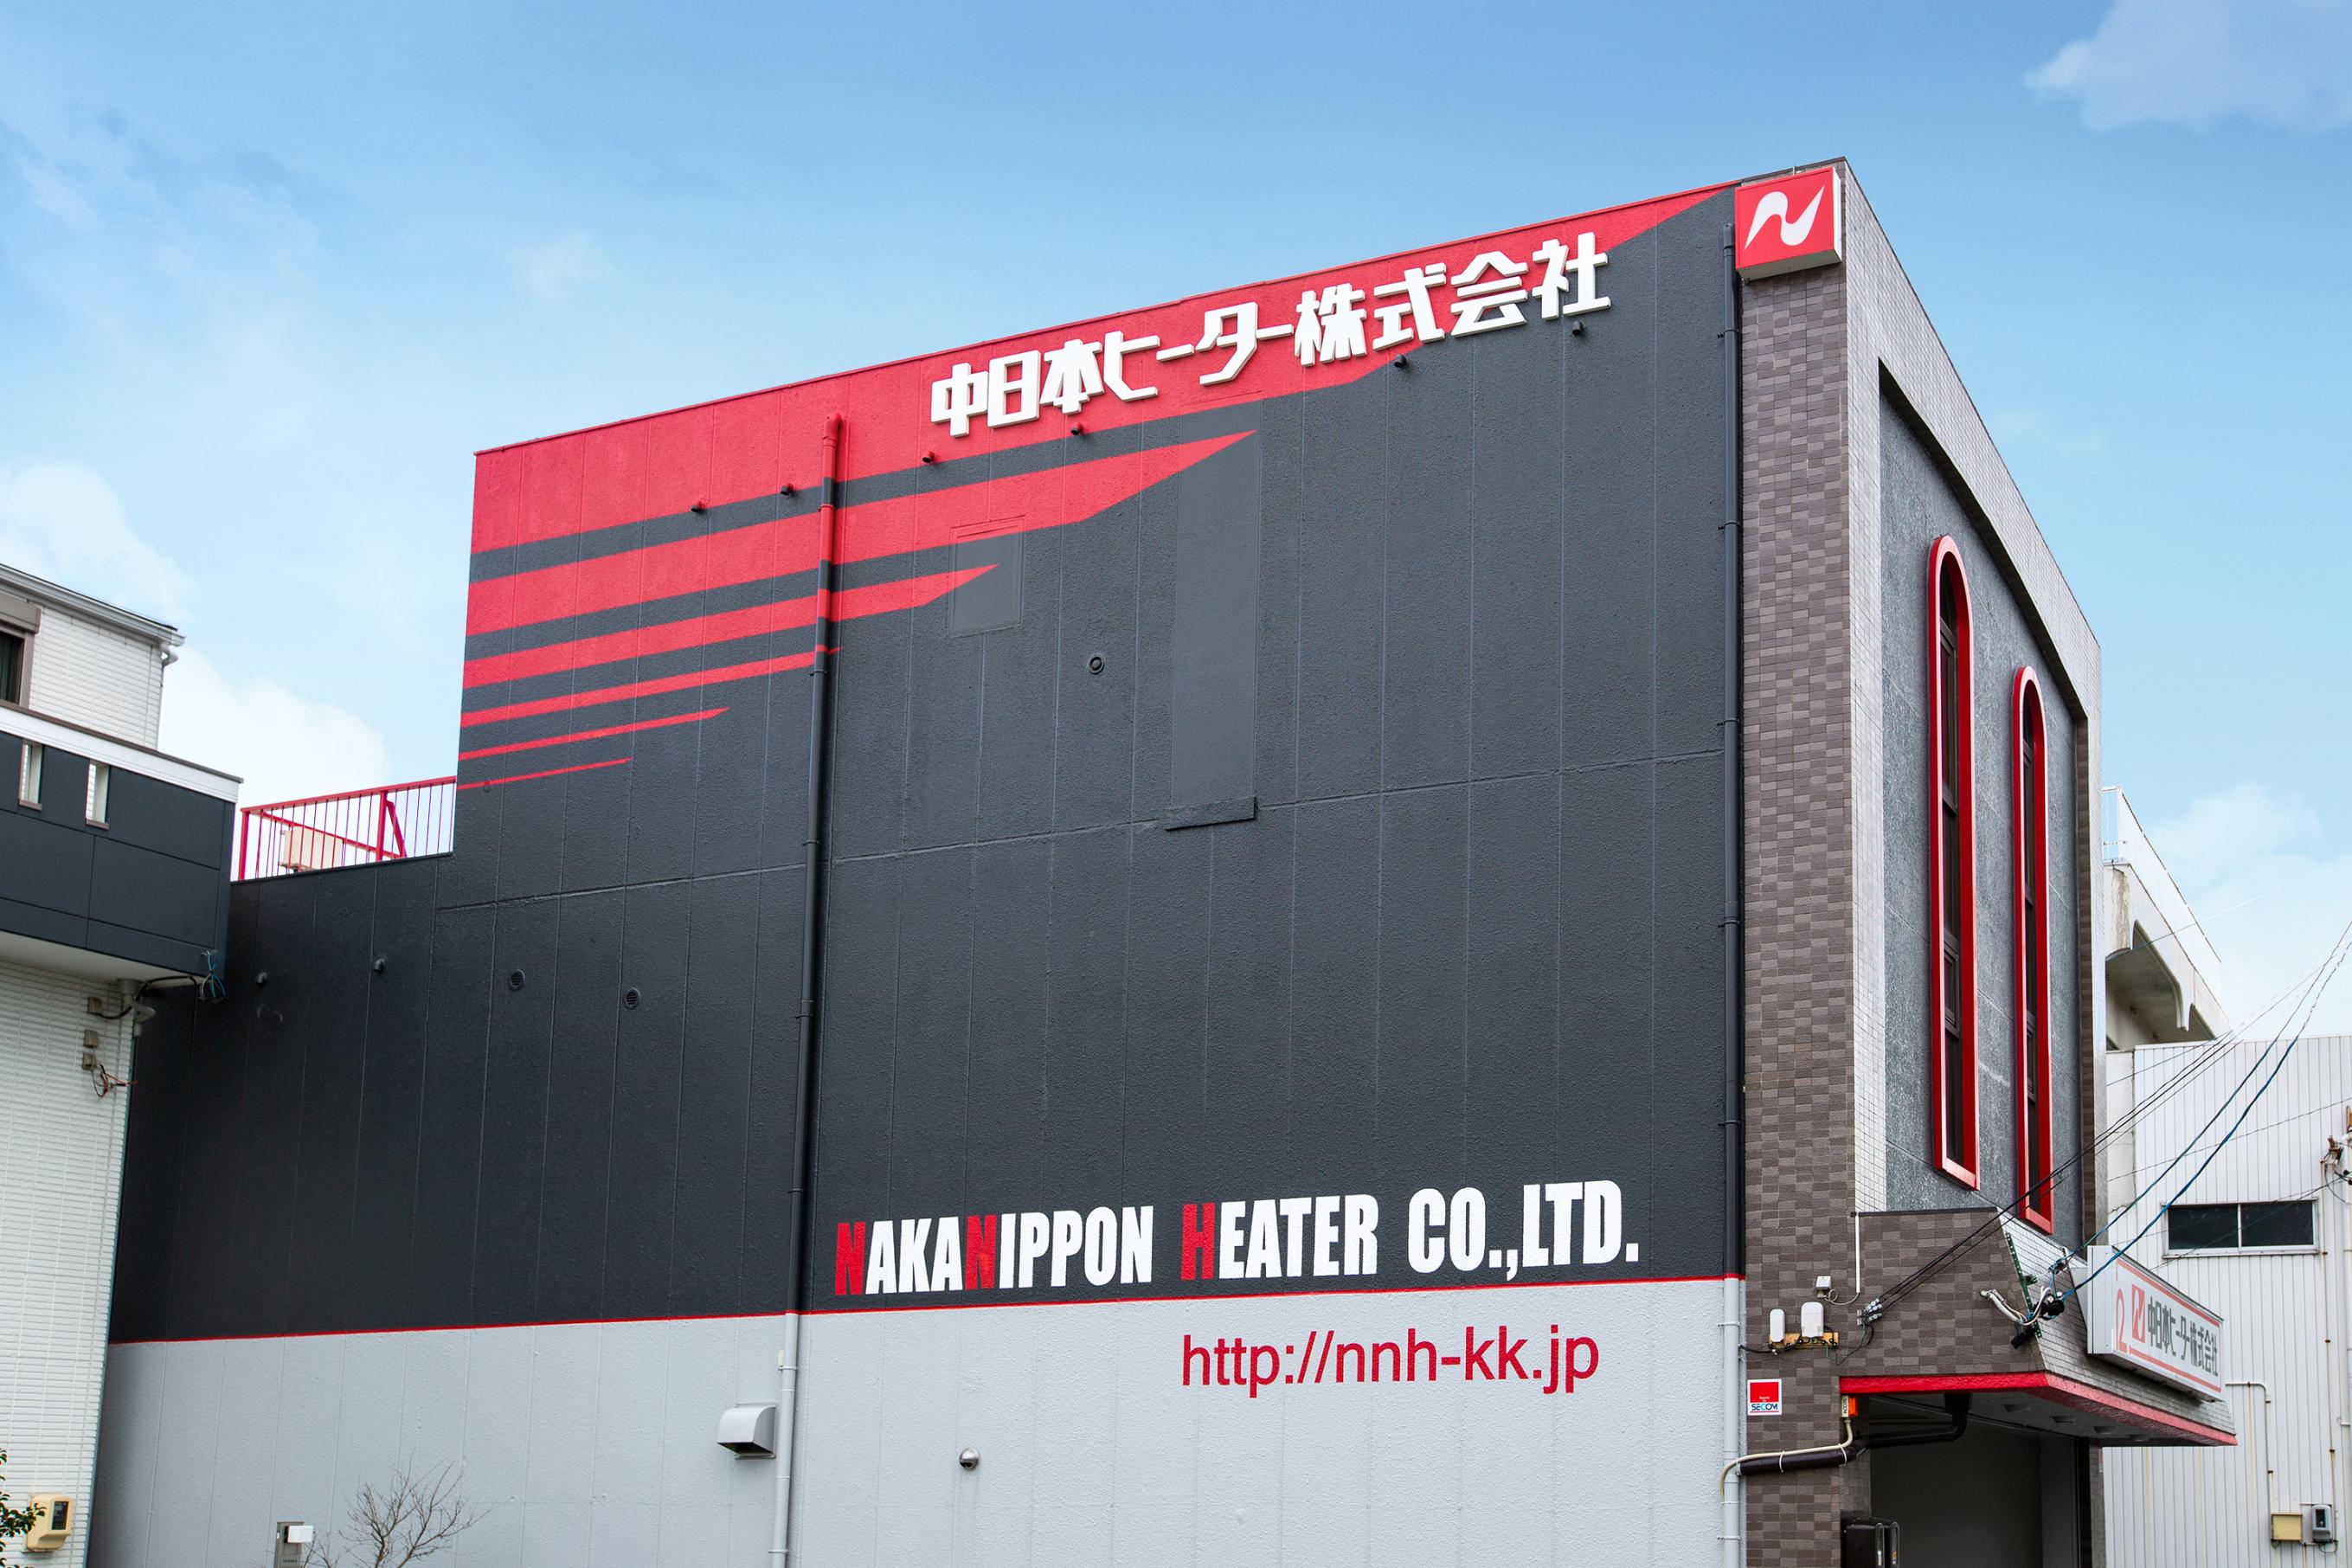 中日本ヒーター株式会社の外観